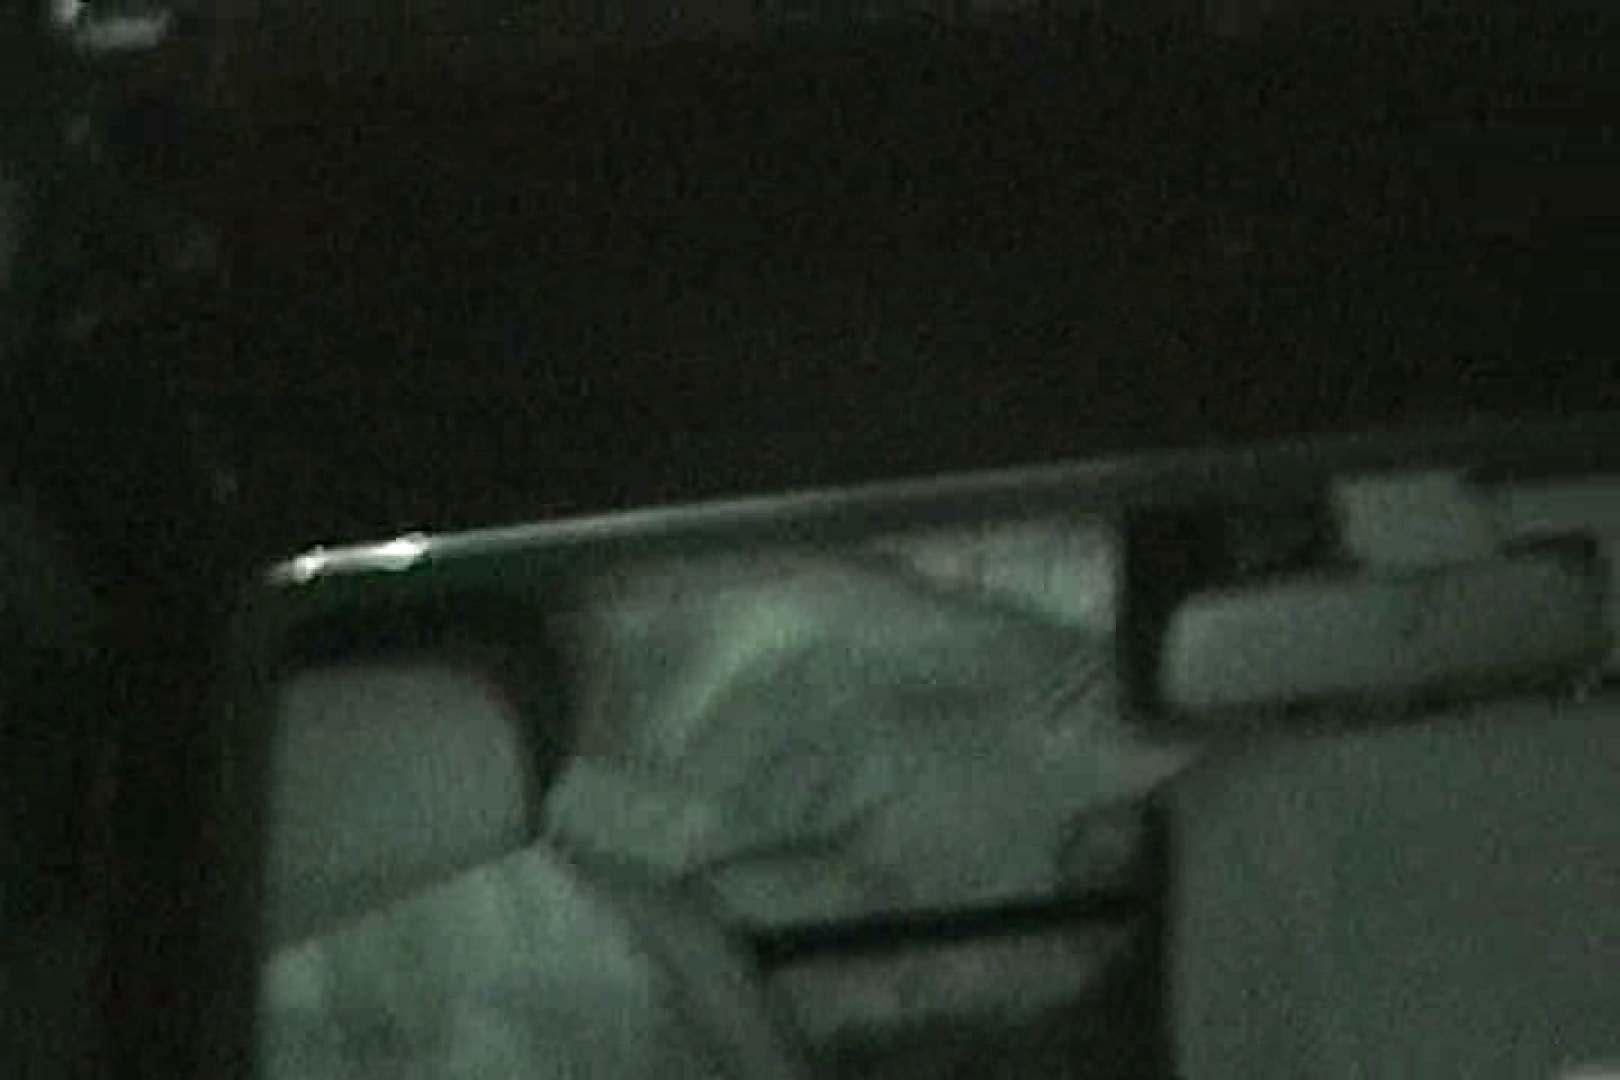 車の中はラブホテル 無修正版  Vol.8 OLヌード天国 ヌード画像 102PIX 10